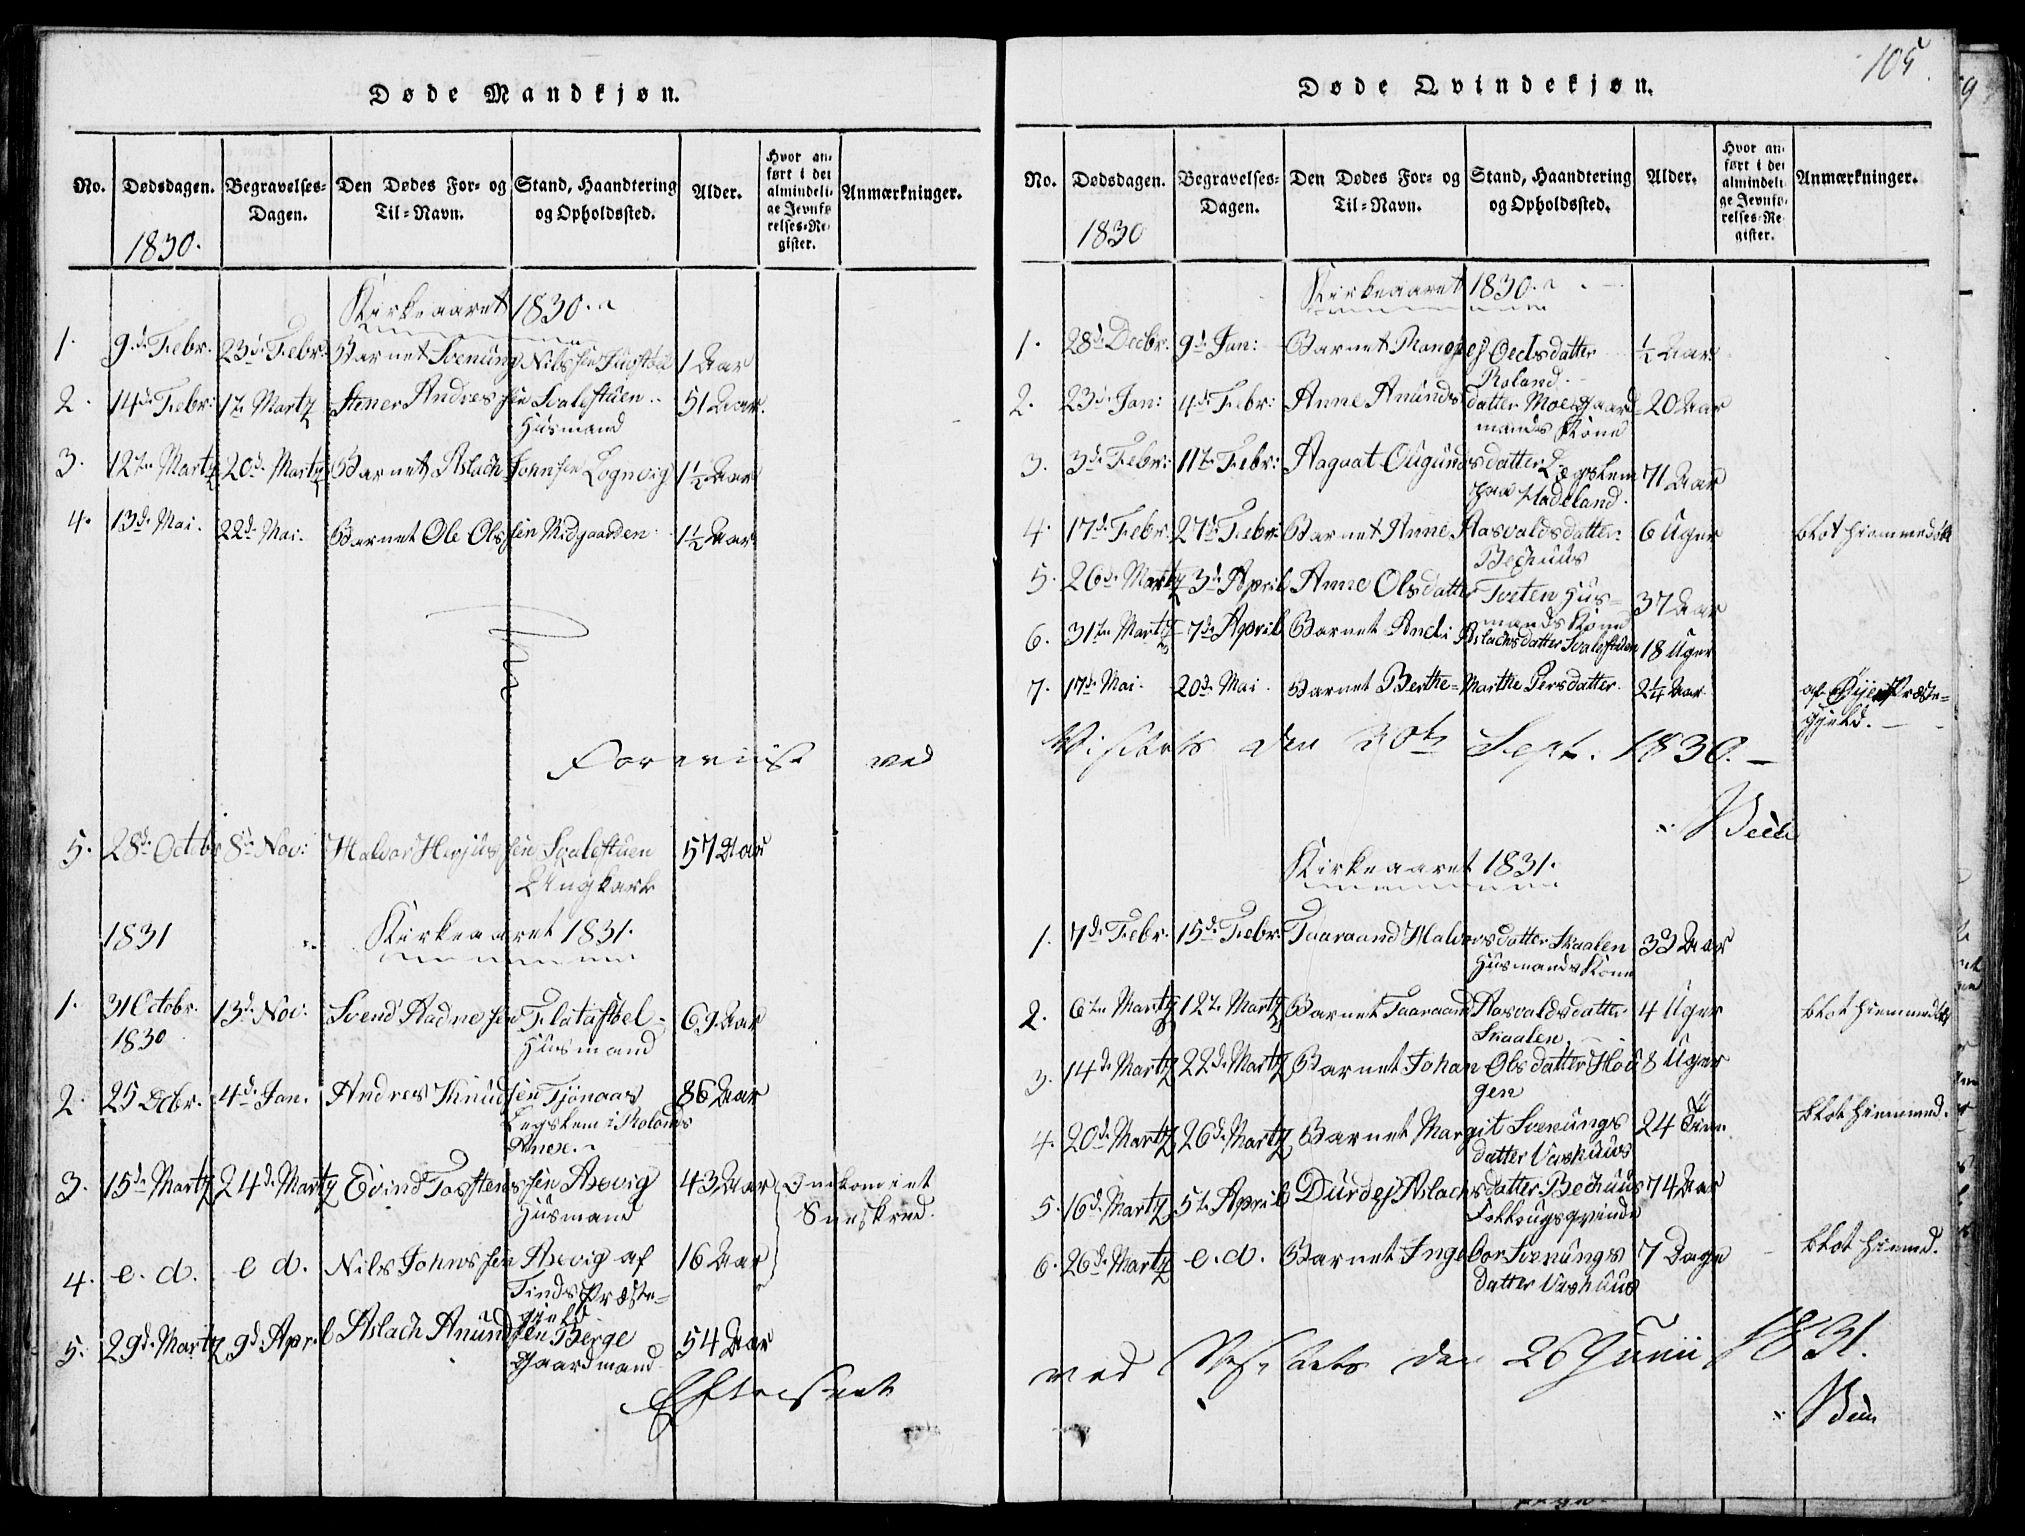 SAKO, Rauland kirkebøker, G/Ga/L0001: Klokkerbok nr. I 1, 1814-1843, s. 105